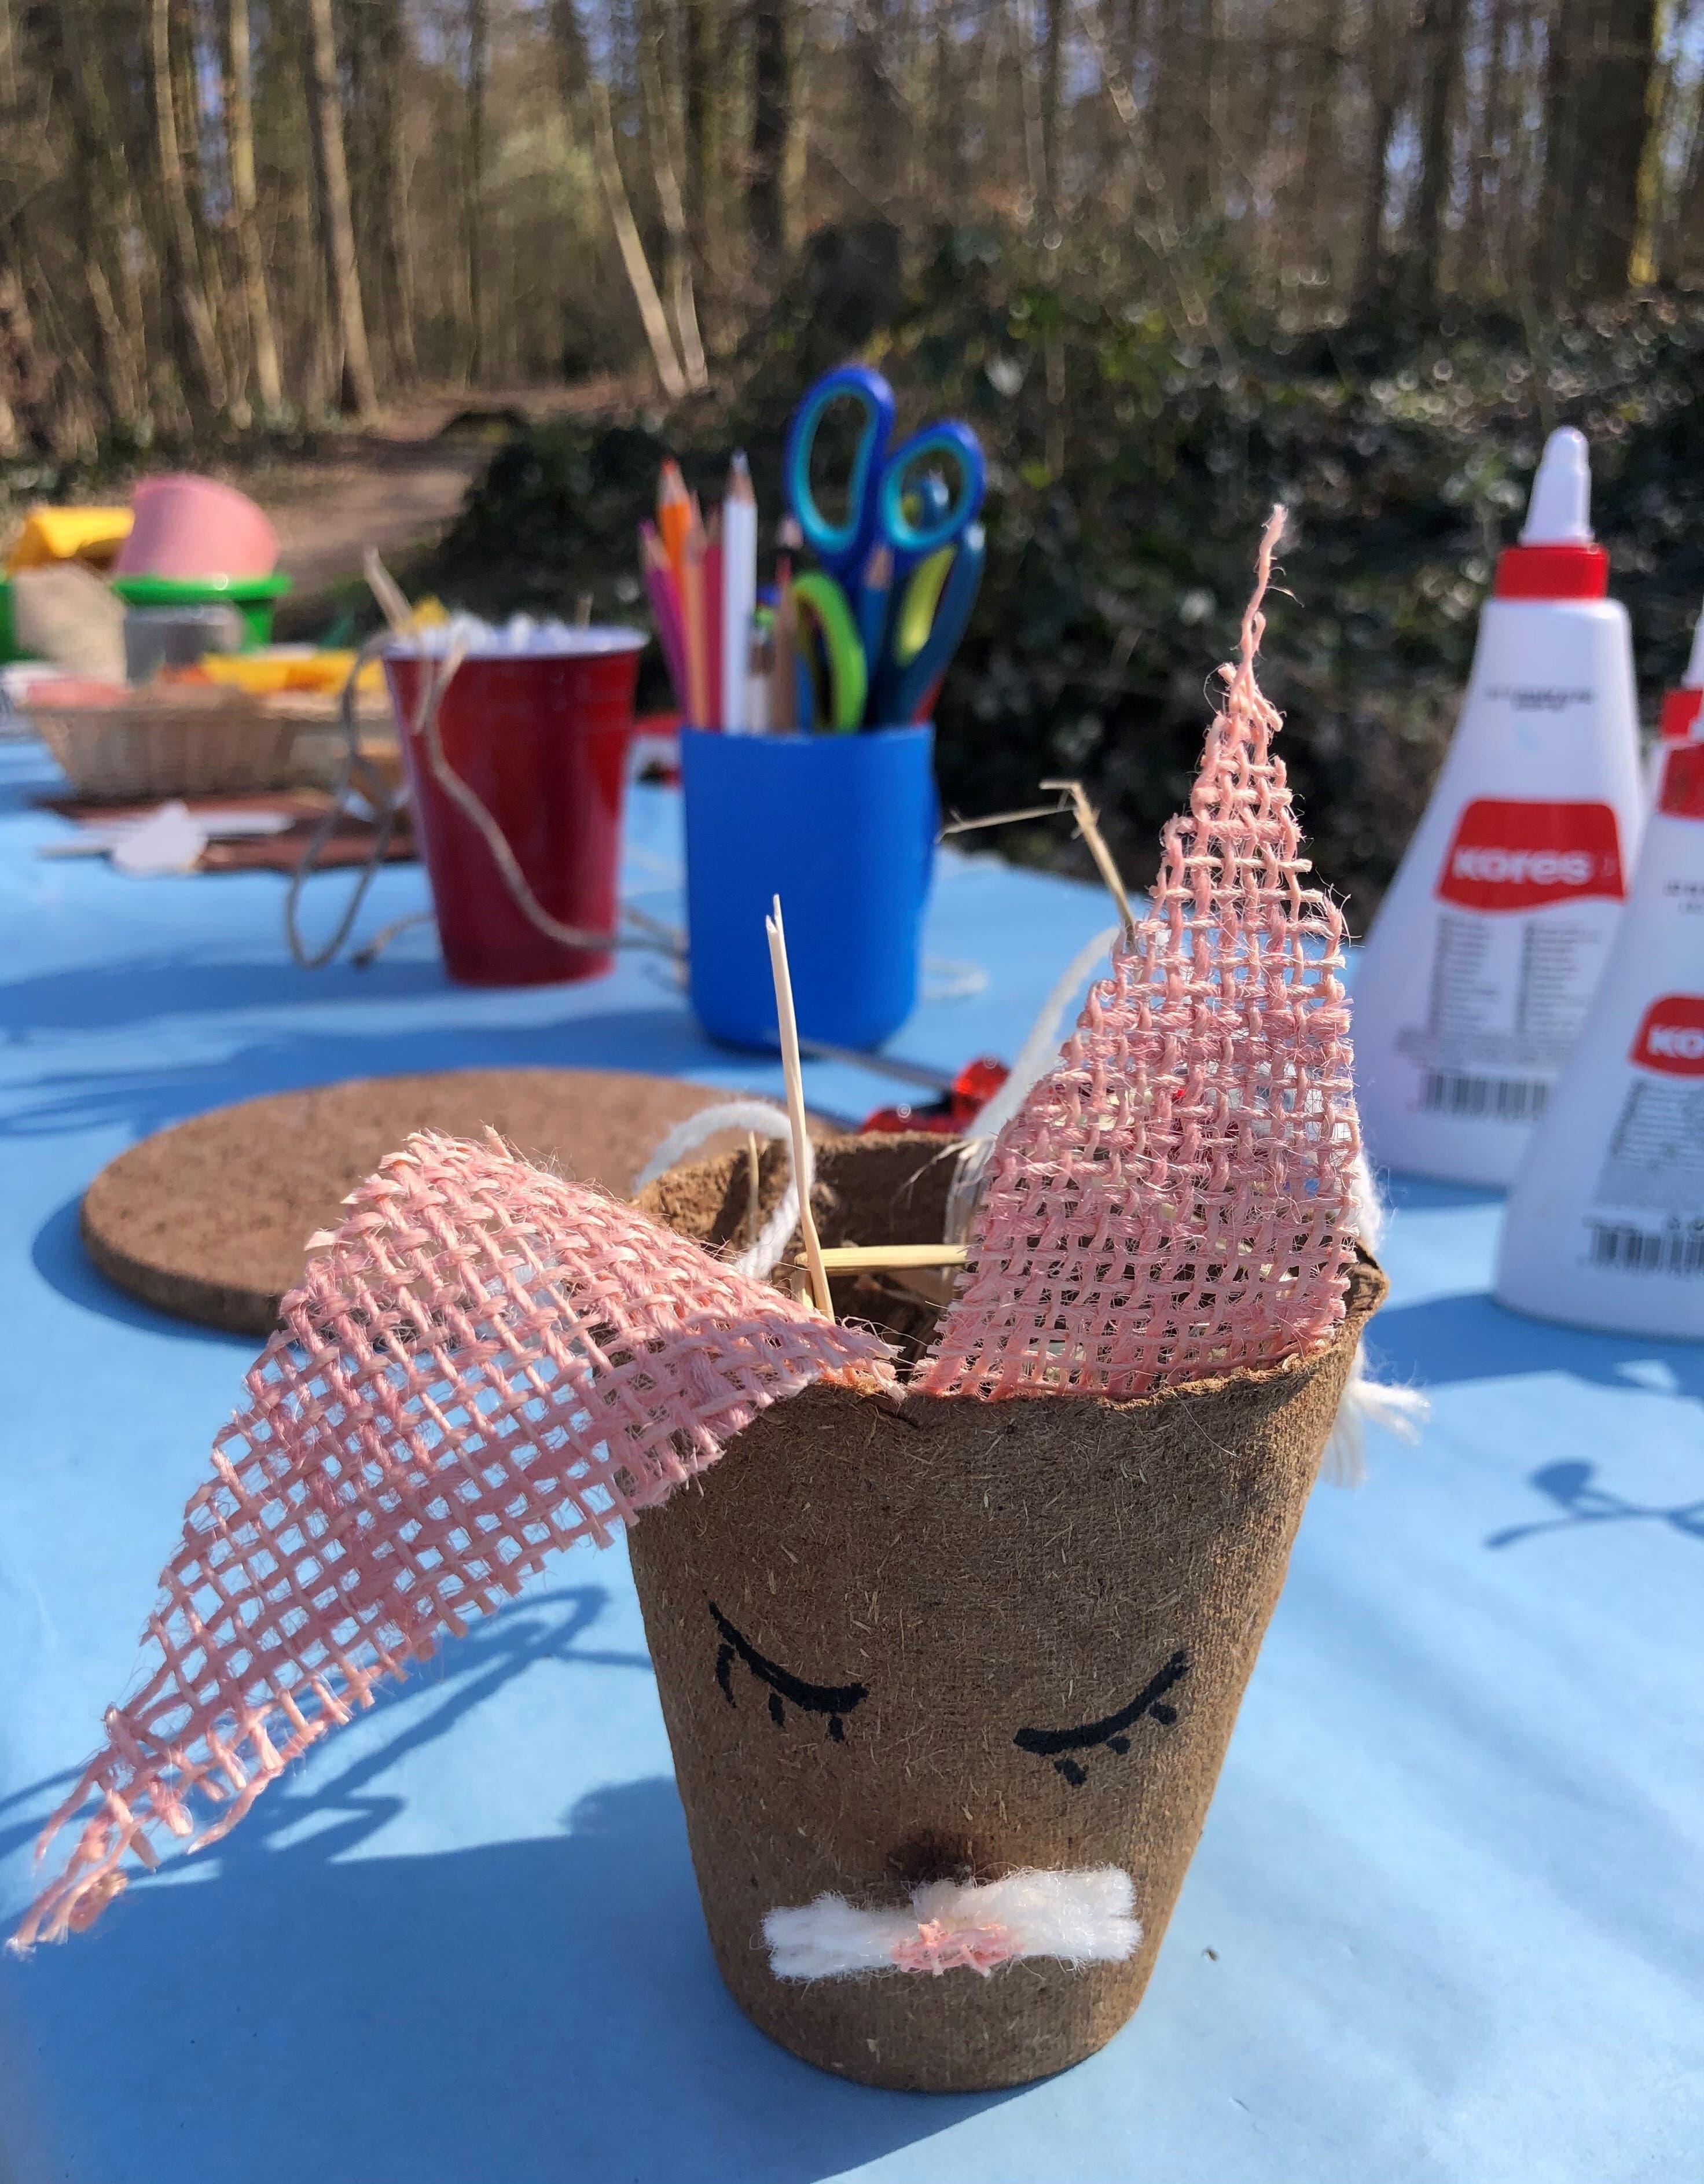 Der Hasenpostenlauf im Chrüzacher in Dietikon beinhaltete Eierbecher basteln, Karten lesen, Hasenhüpfen und die Begegnung mit zwei Chrüzi-Eseln.